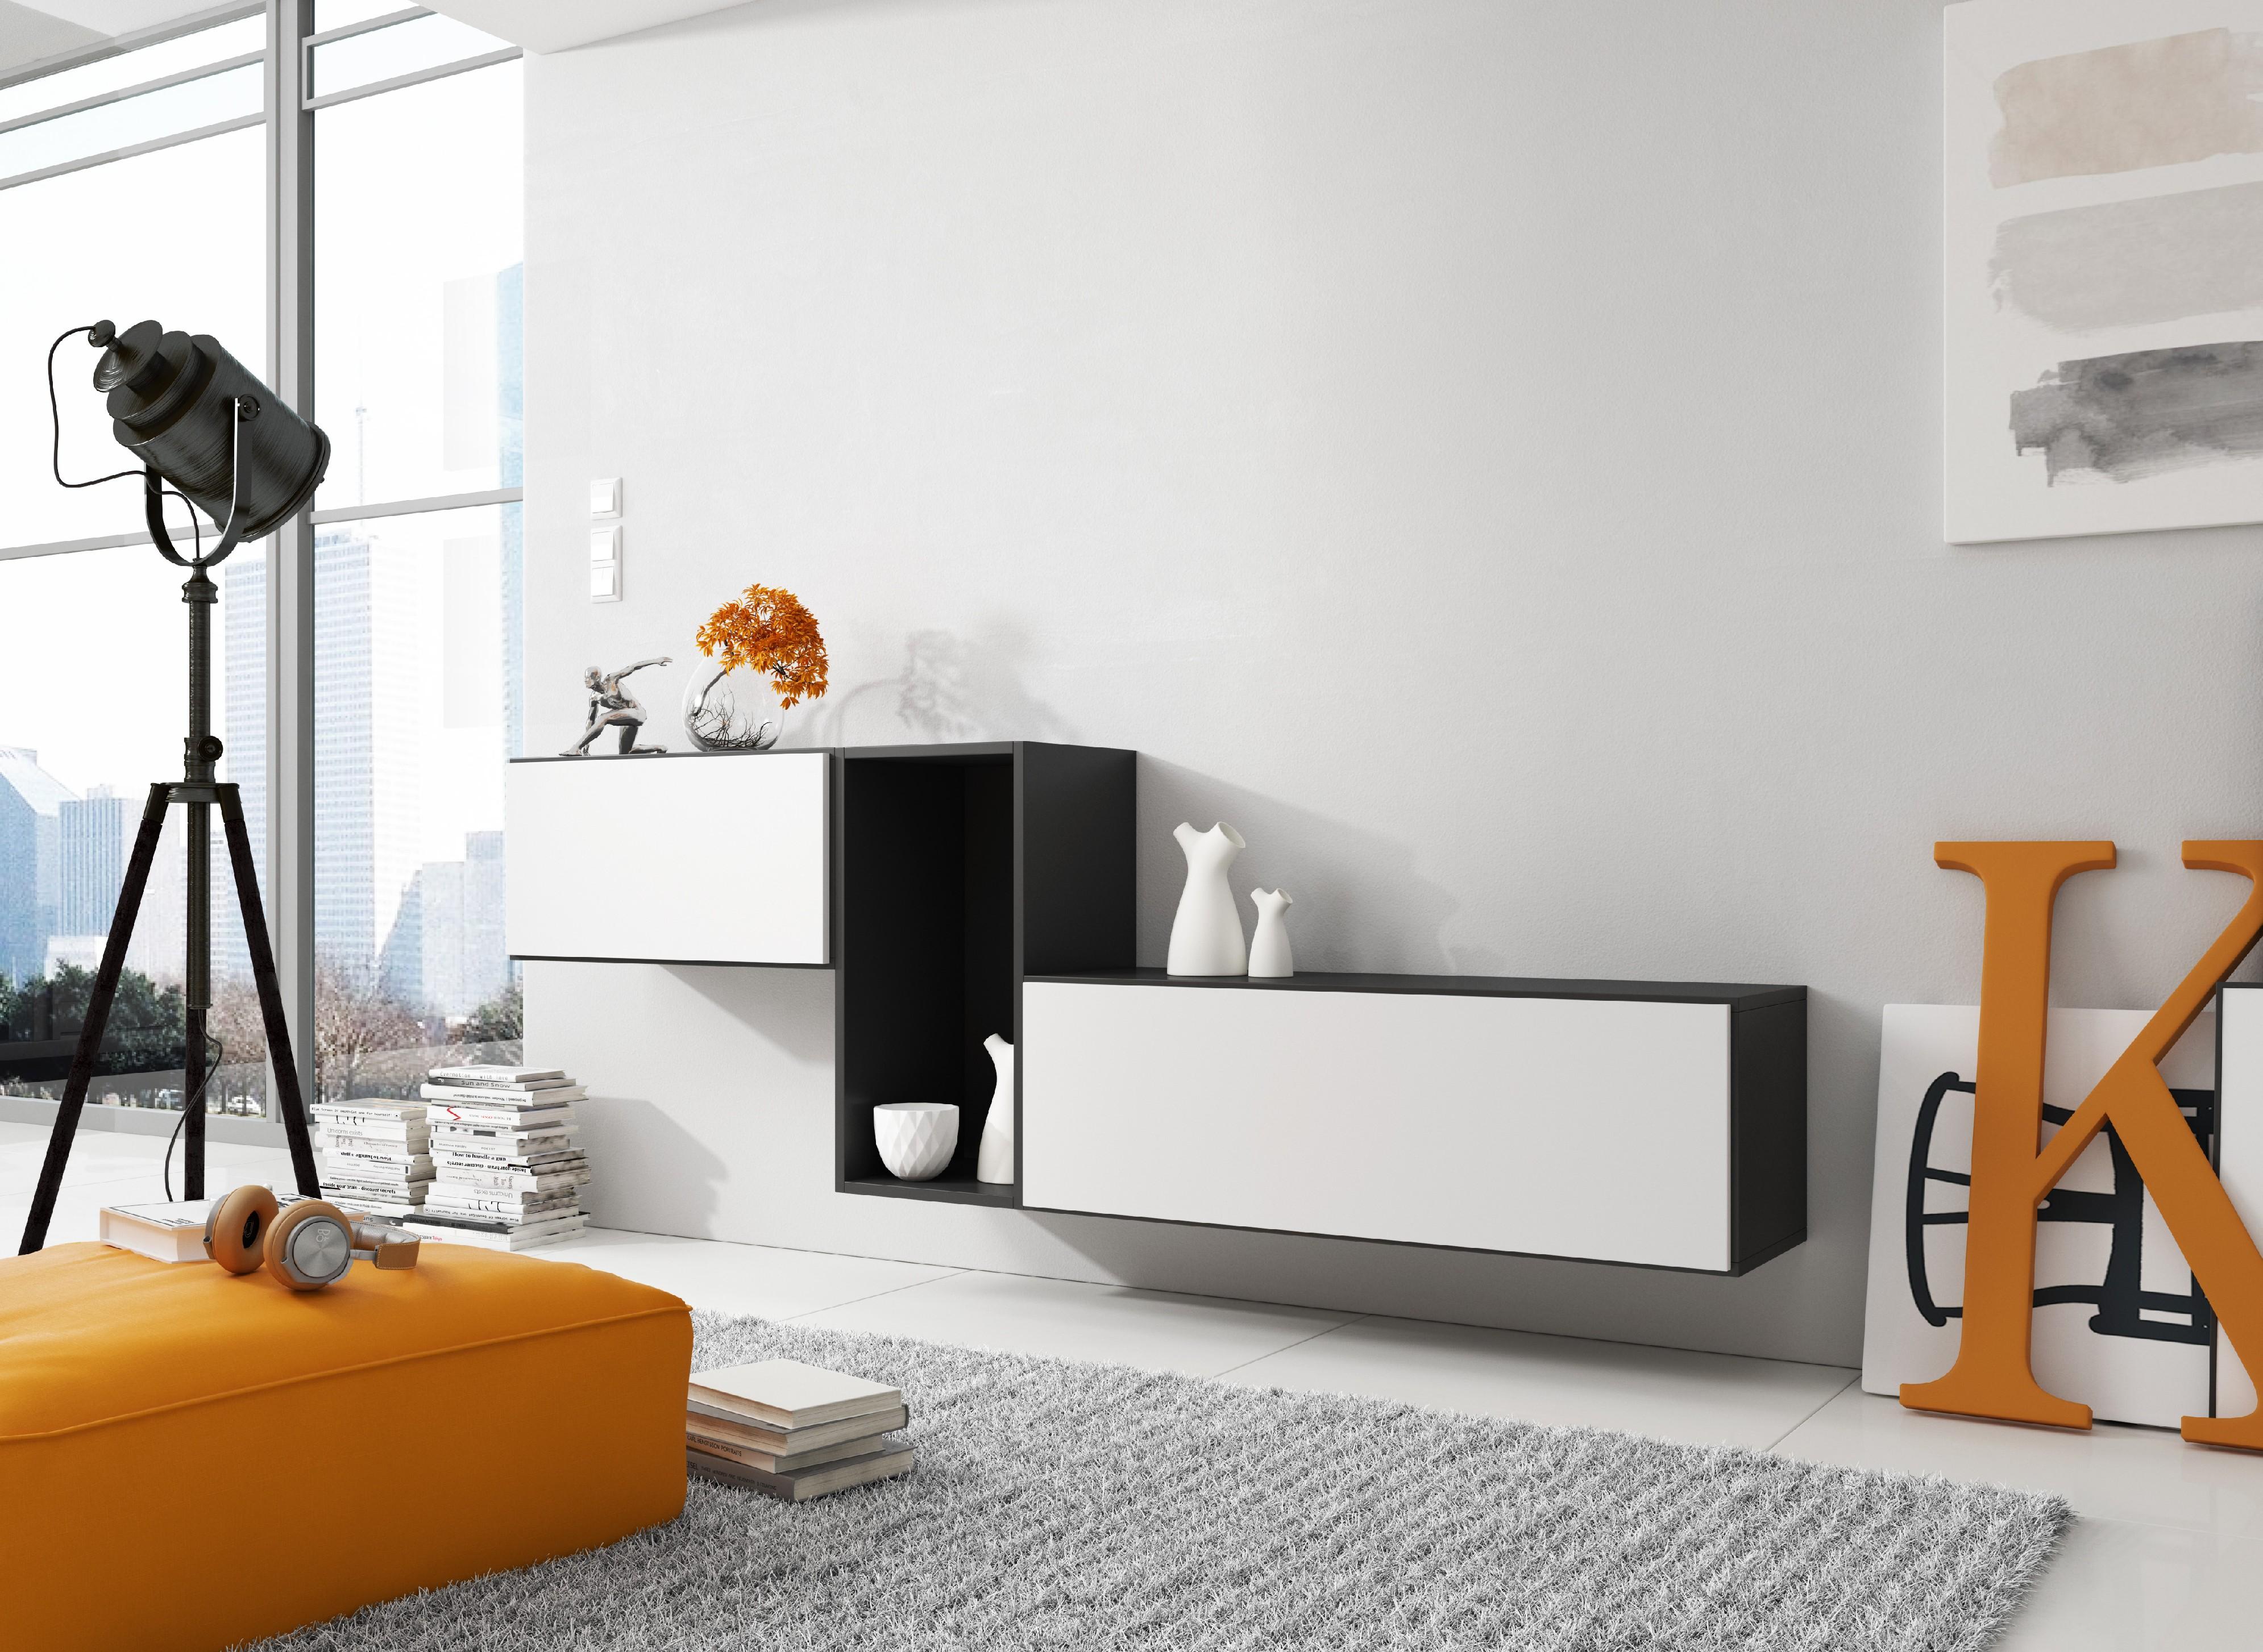 Artcam Zostava do obývačky ROCO 11 roco: korpus čierny mat / okraj čierny mat / dvierka biely mat